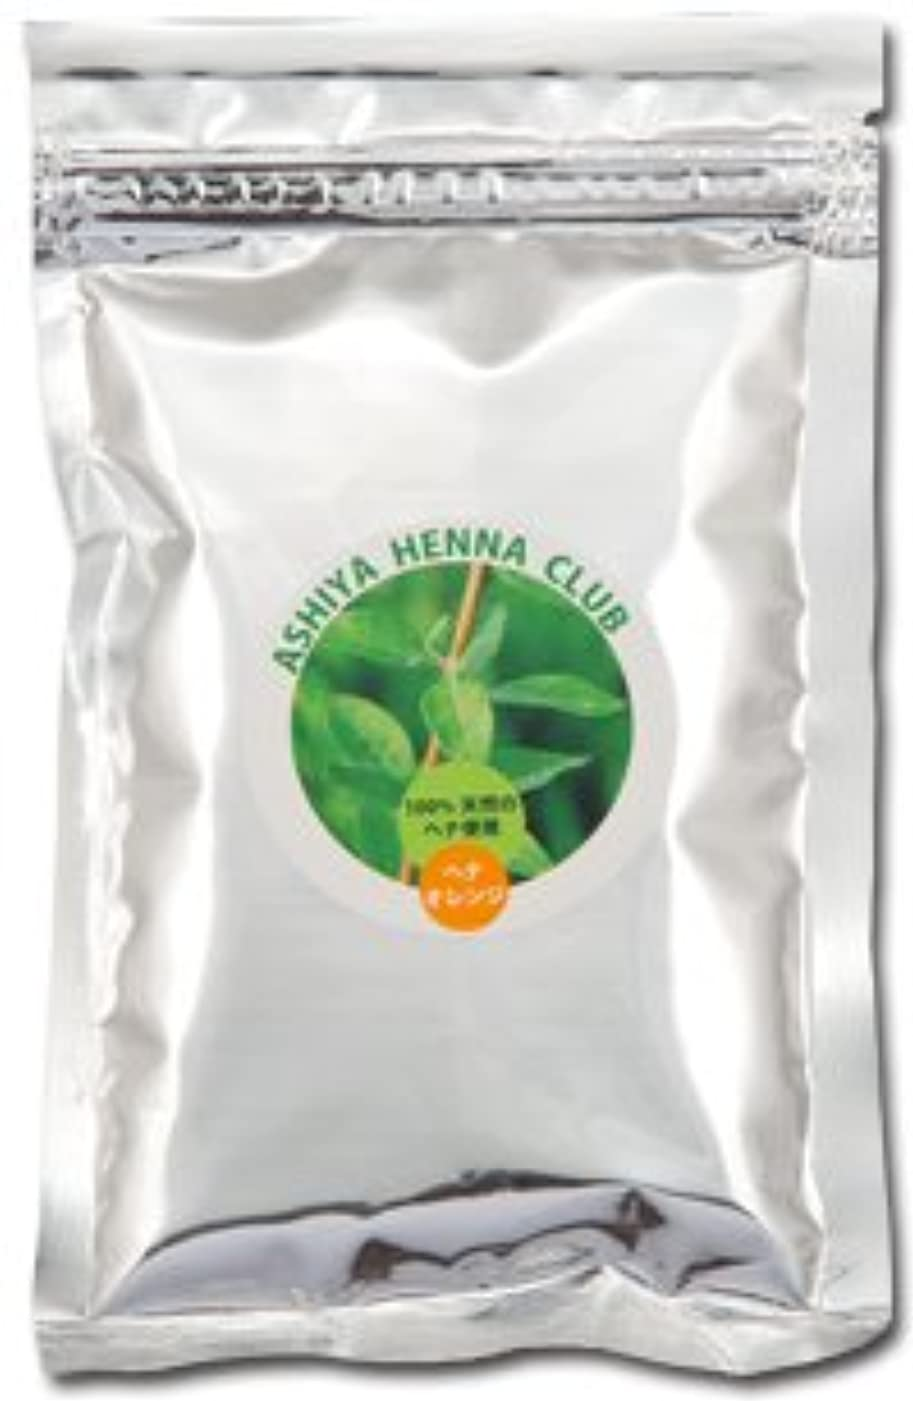 純粋な不透明な白菜芦屋ヘナ倶楽部ハーバルヘナピュア(オレンジ)3個 Aランクの上級天然ヘナ100% ヘナ用手袋プレゼント